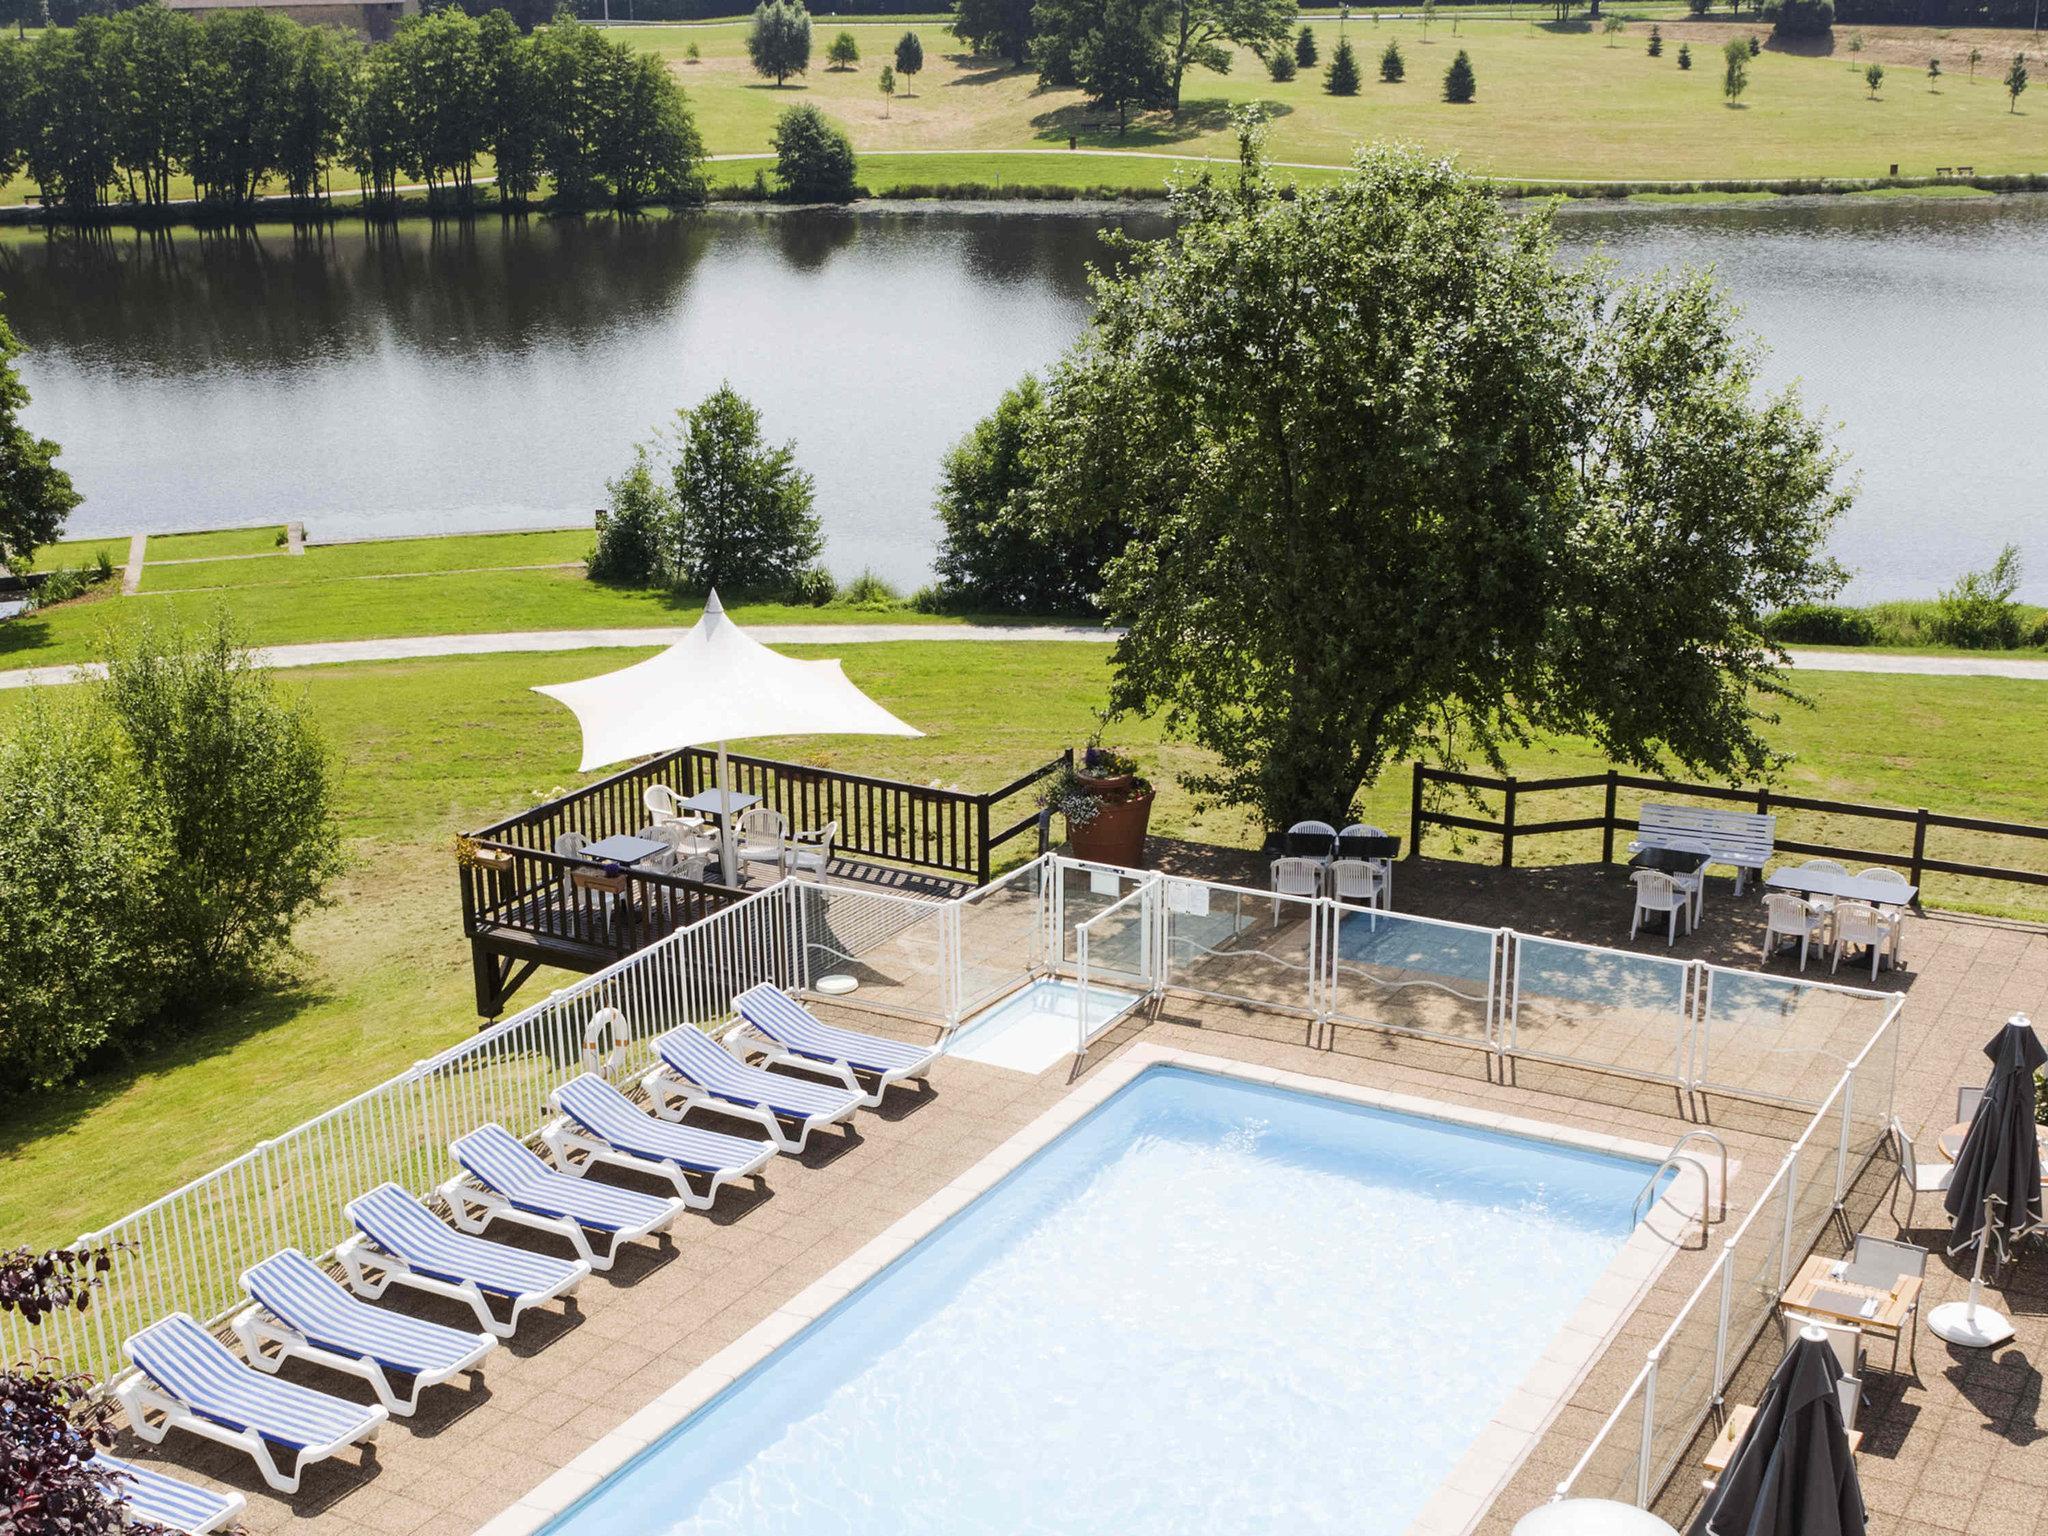 Novotel Limoges Le Lac